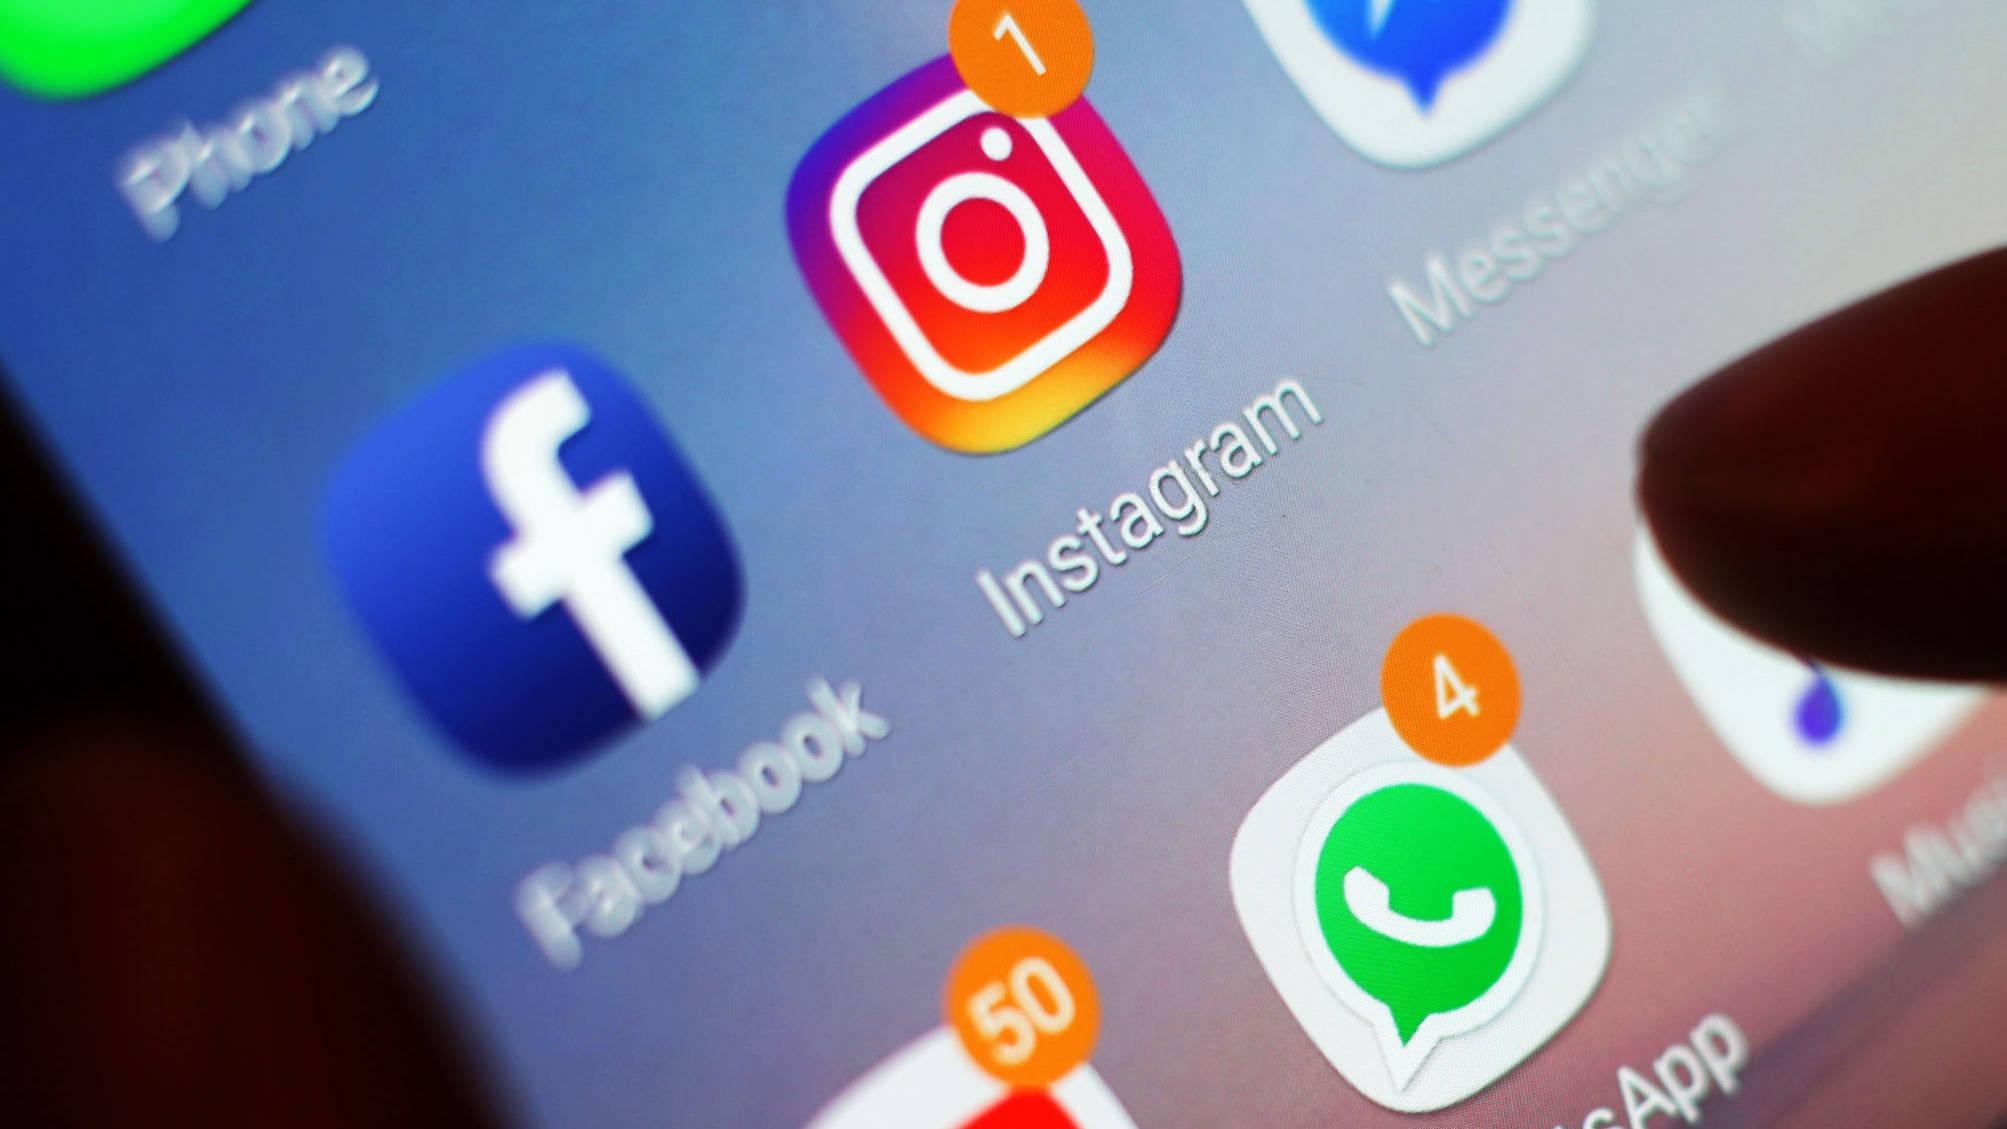 Layanan Instagram, Whatsapp dan Facebook Kini Normal Kembali